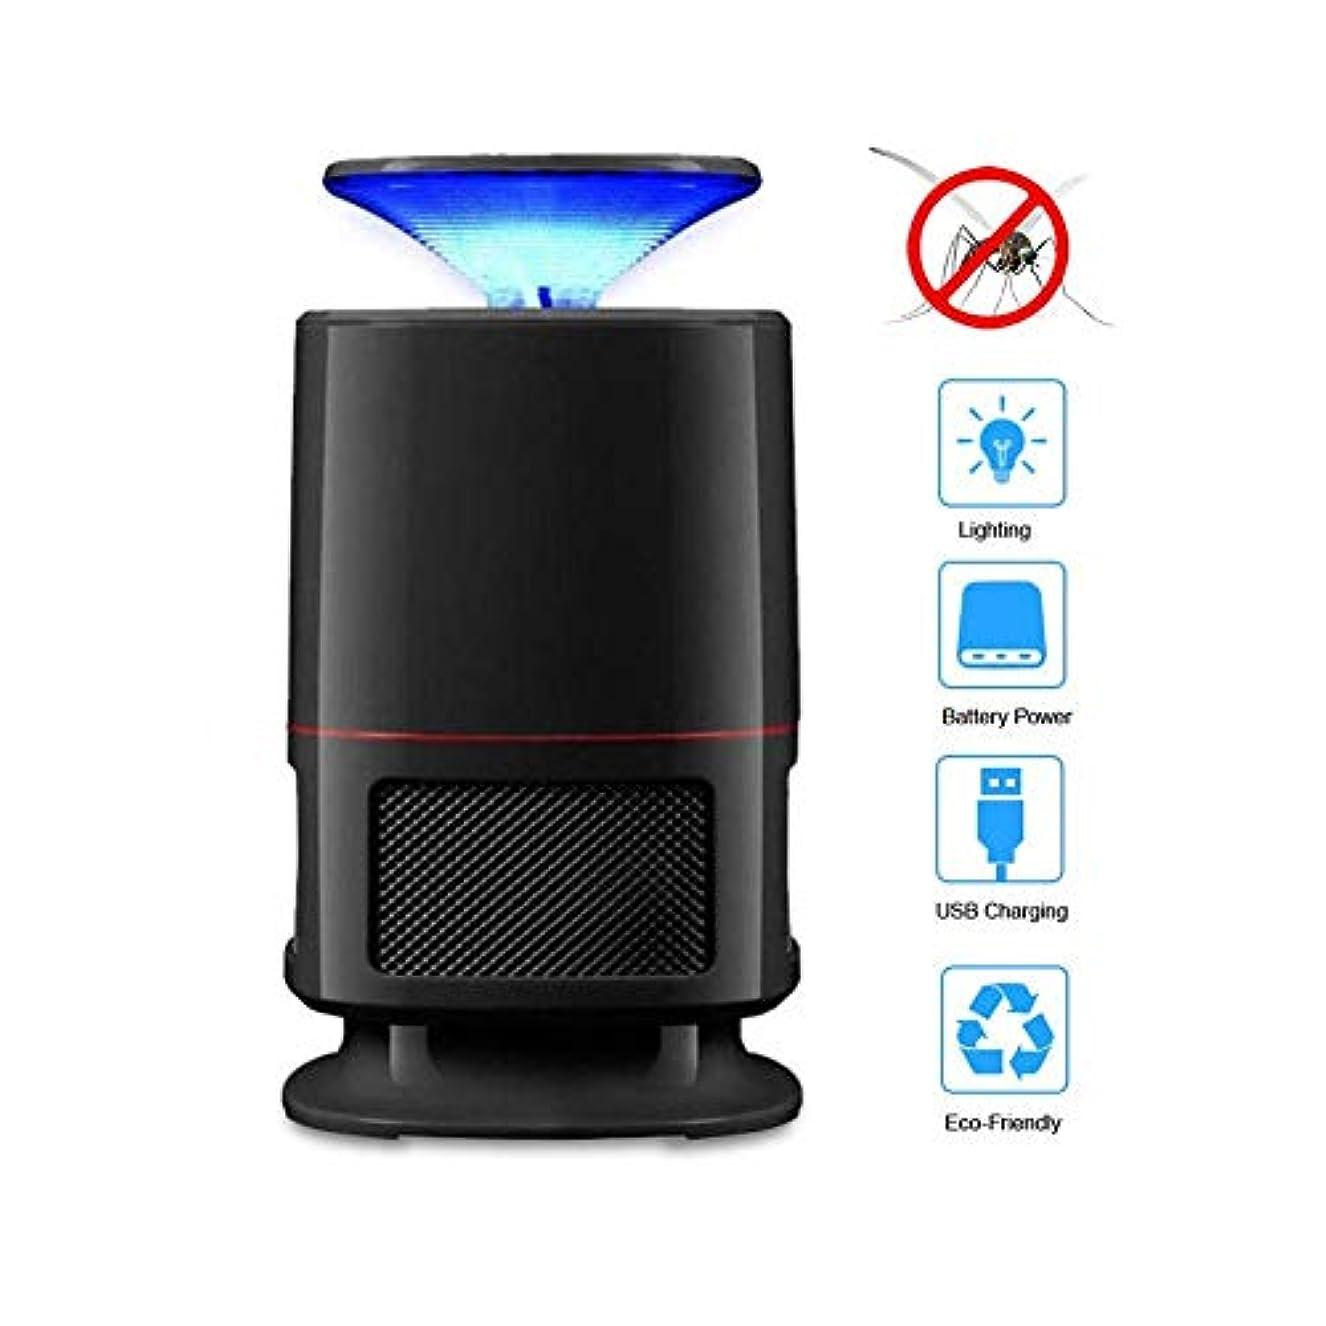 行注意変わるカのキラーランプの虫ザッパー、USBの安全な導かれた無毒な昆虫のキラー、電子蚊トラップランプ、屋内Ourdoorのために環境に優しい無毒、無言の操作 (色 : ブラック)